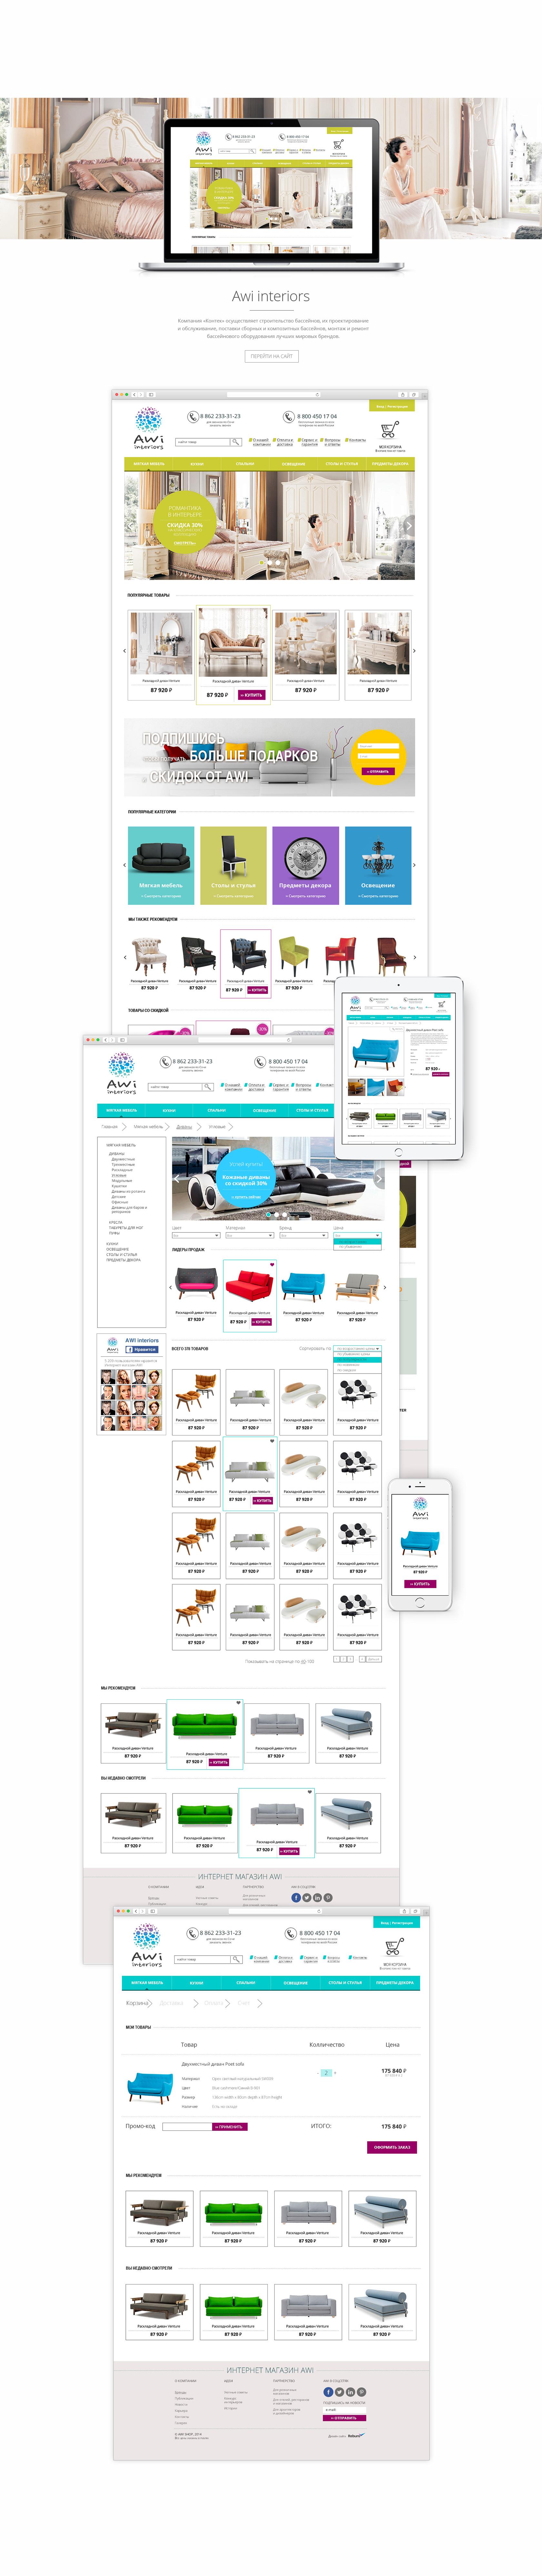 Интернет магазин мебели и декора для дома